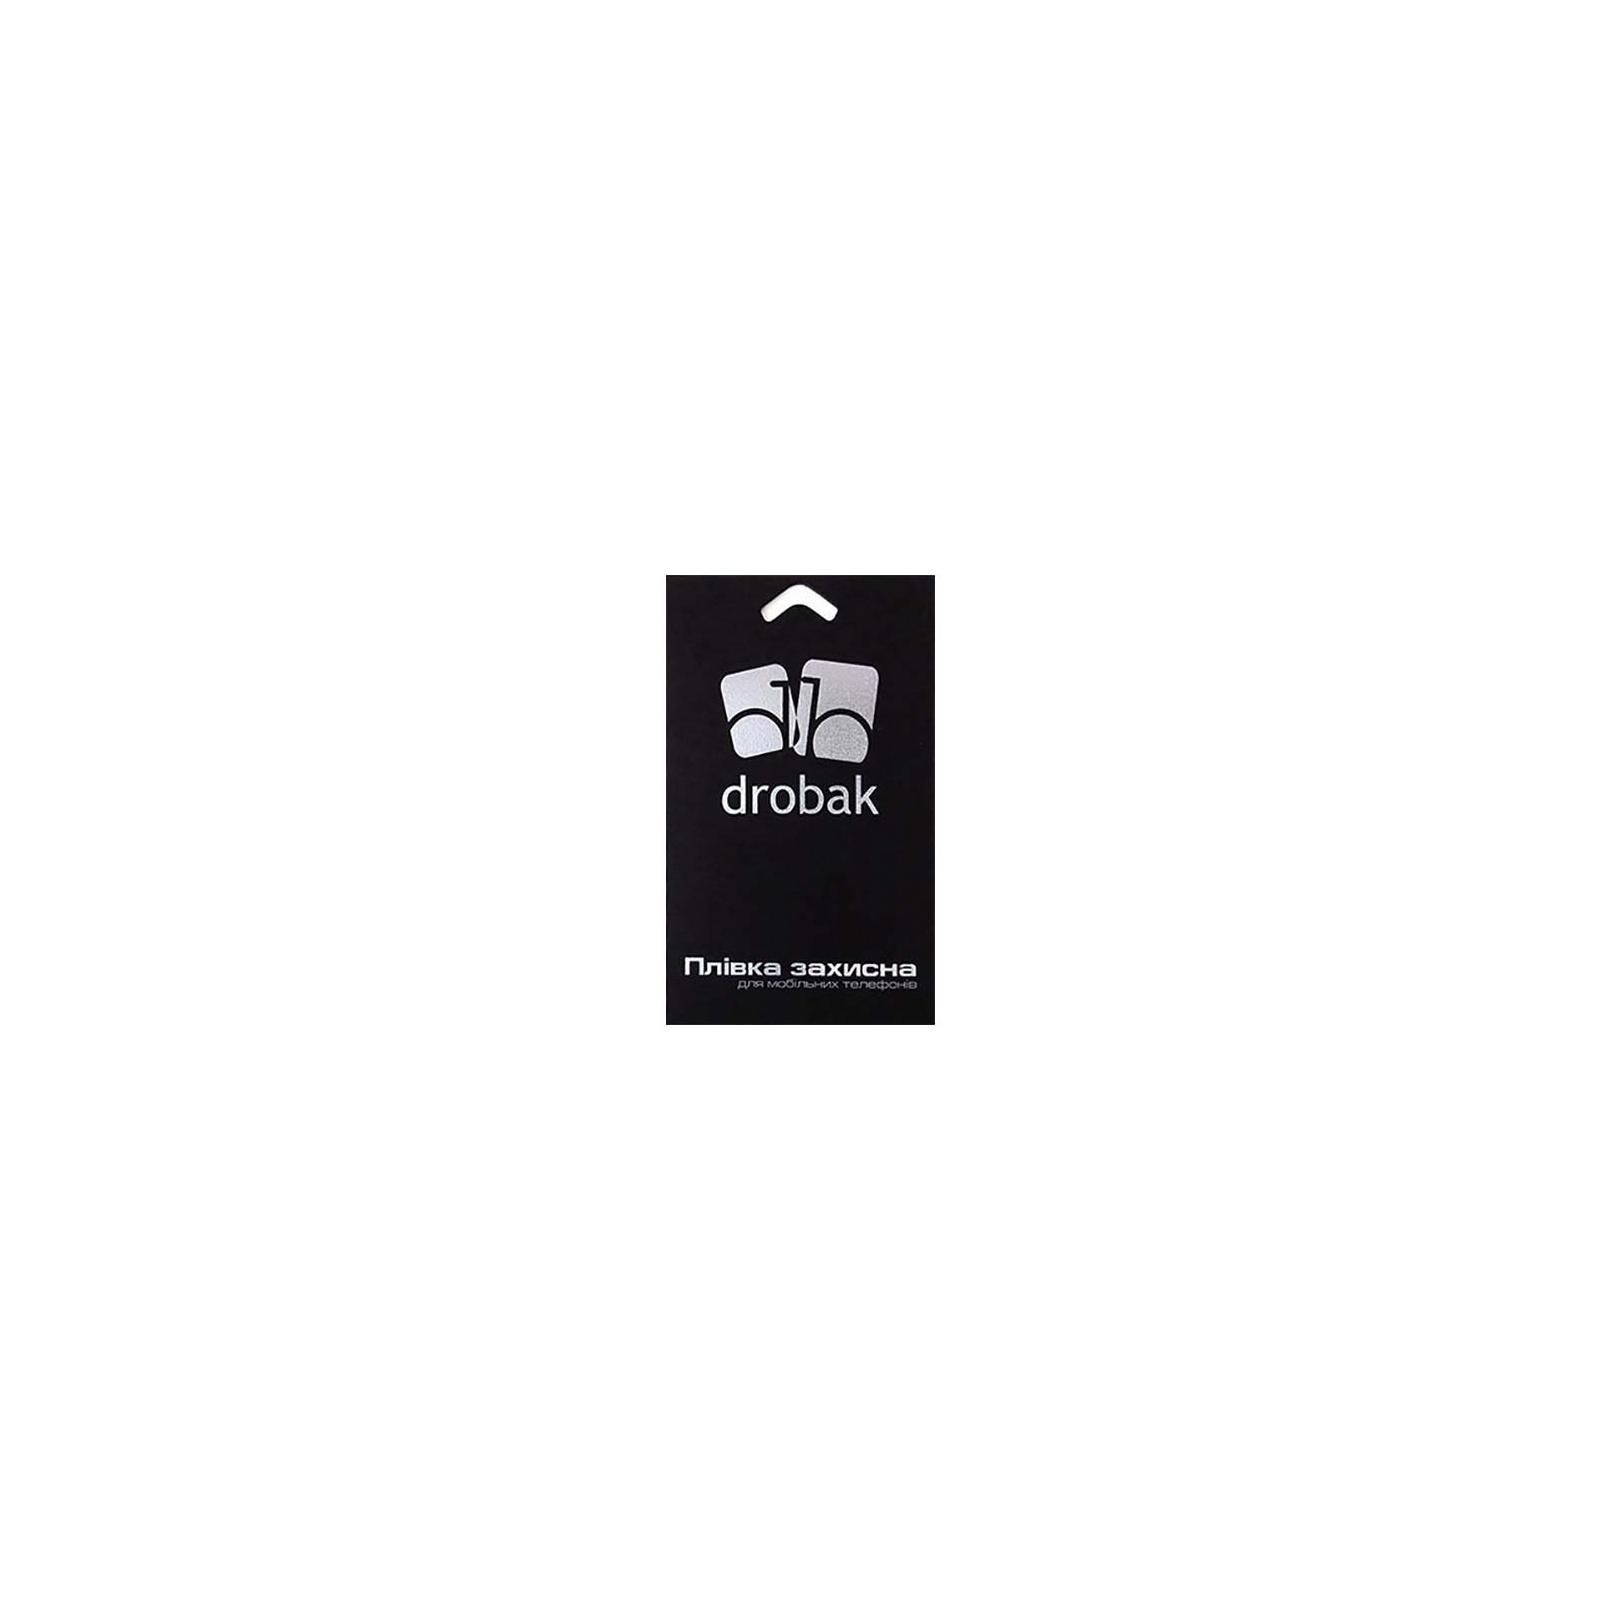 Пленка защитная Drobak для FLY IQ445 Genius (504703)